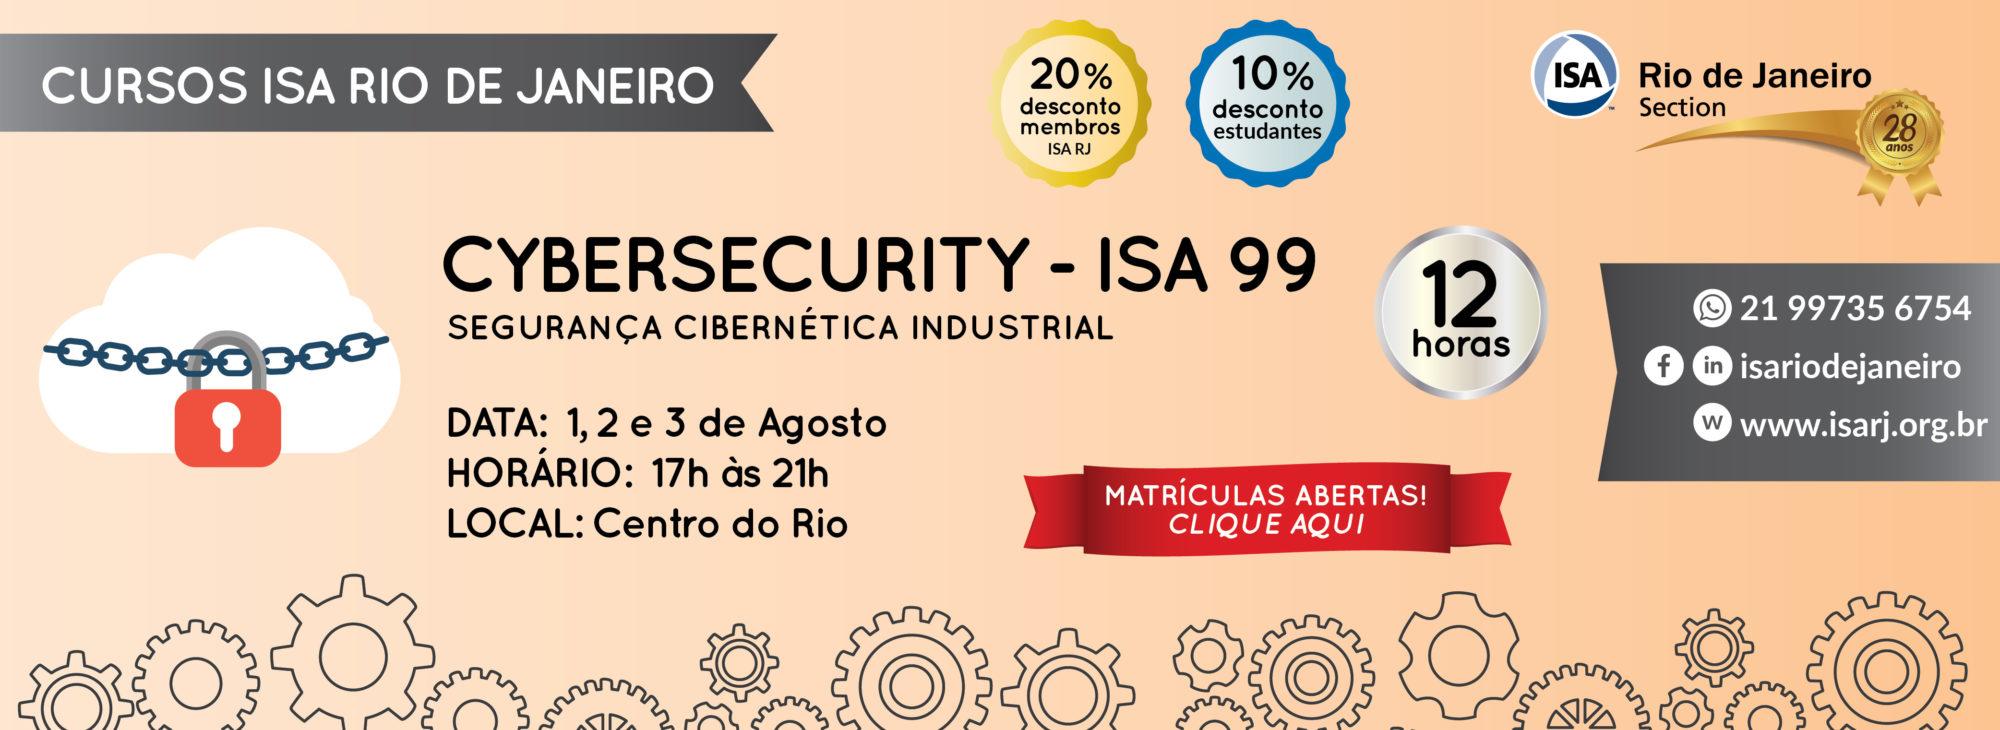 curso-cyber1-01